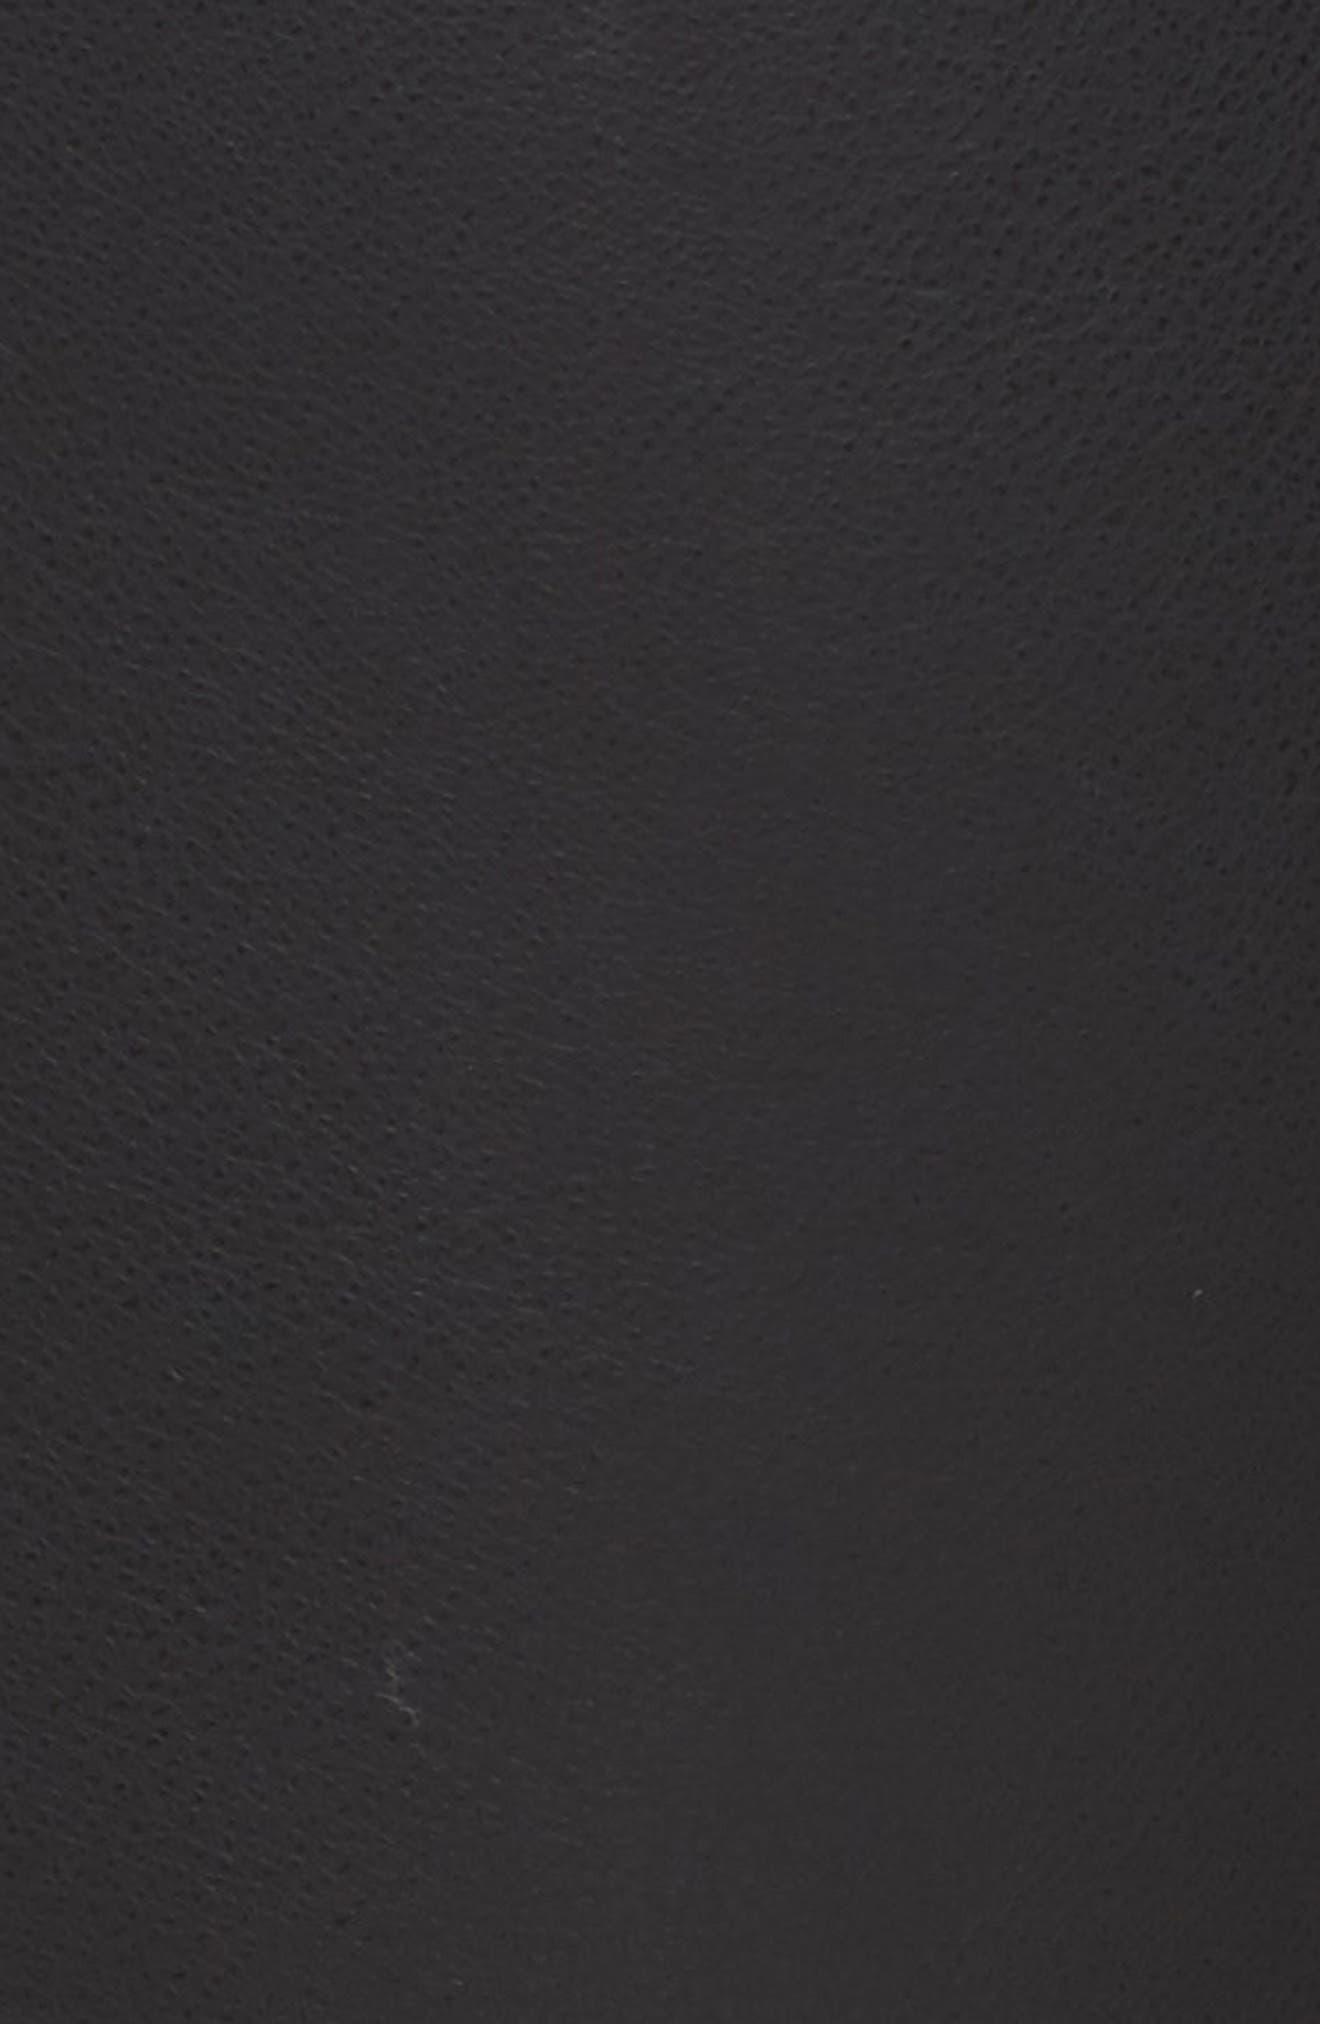 Frill Trim Faux Leather Pants,                             Alternate thumbnail 5, color,